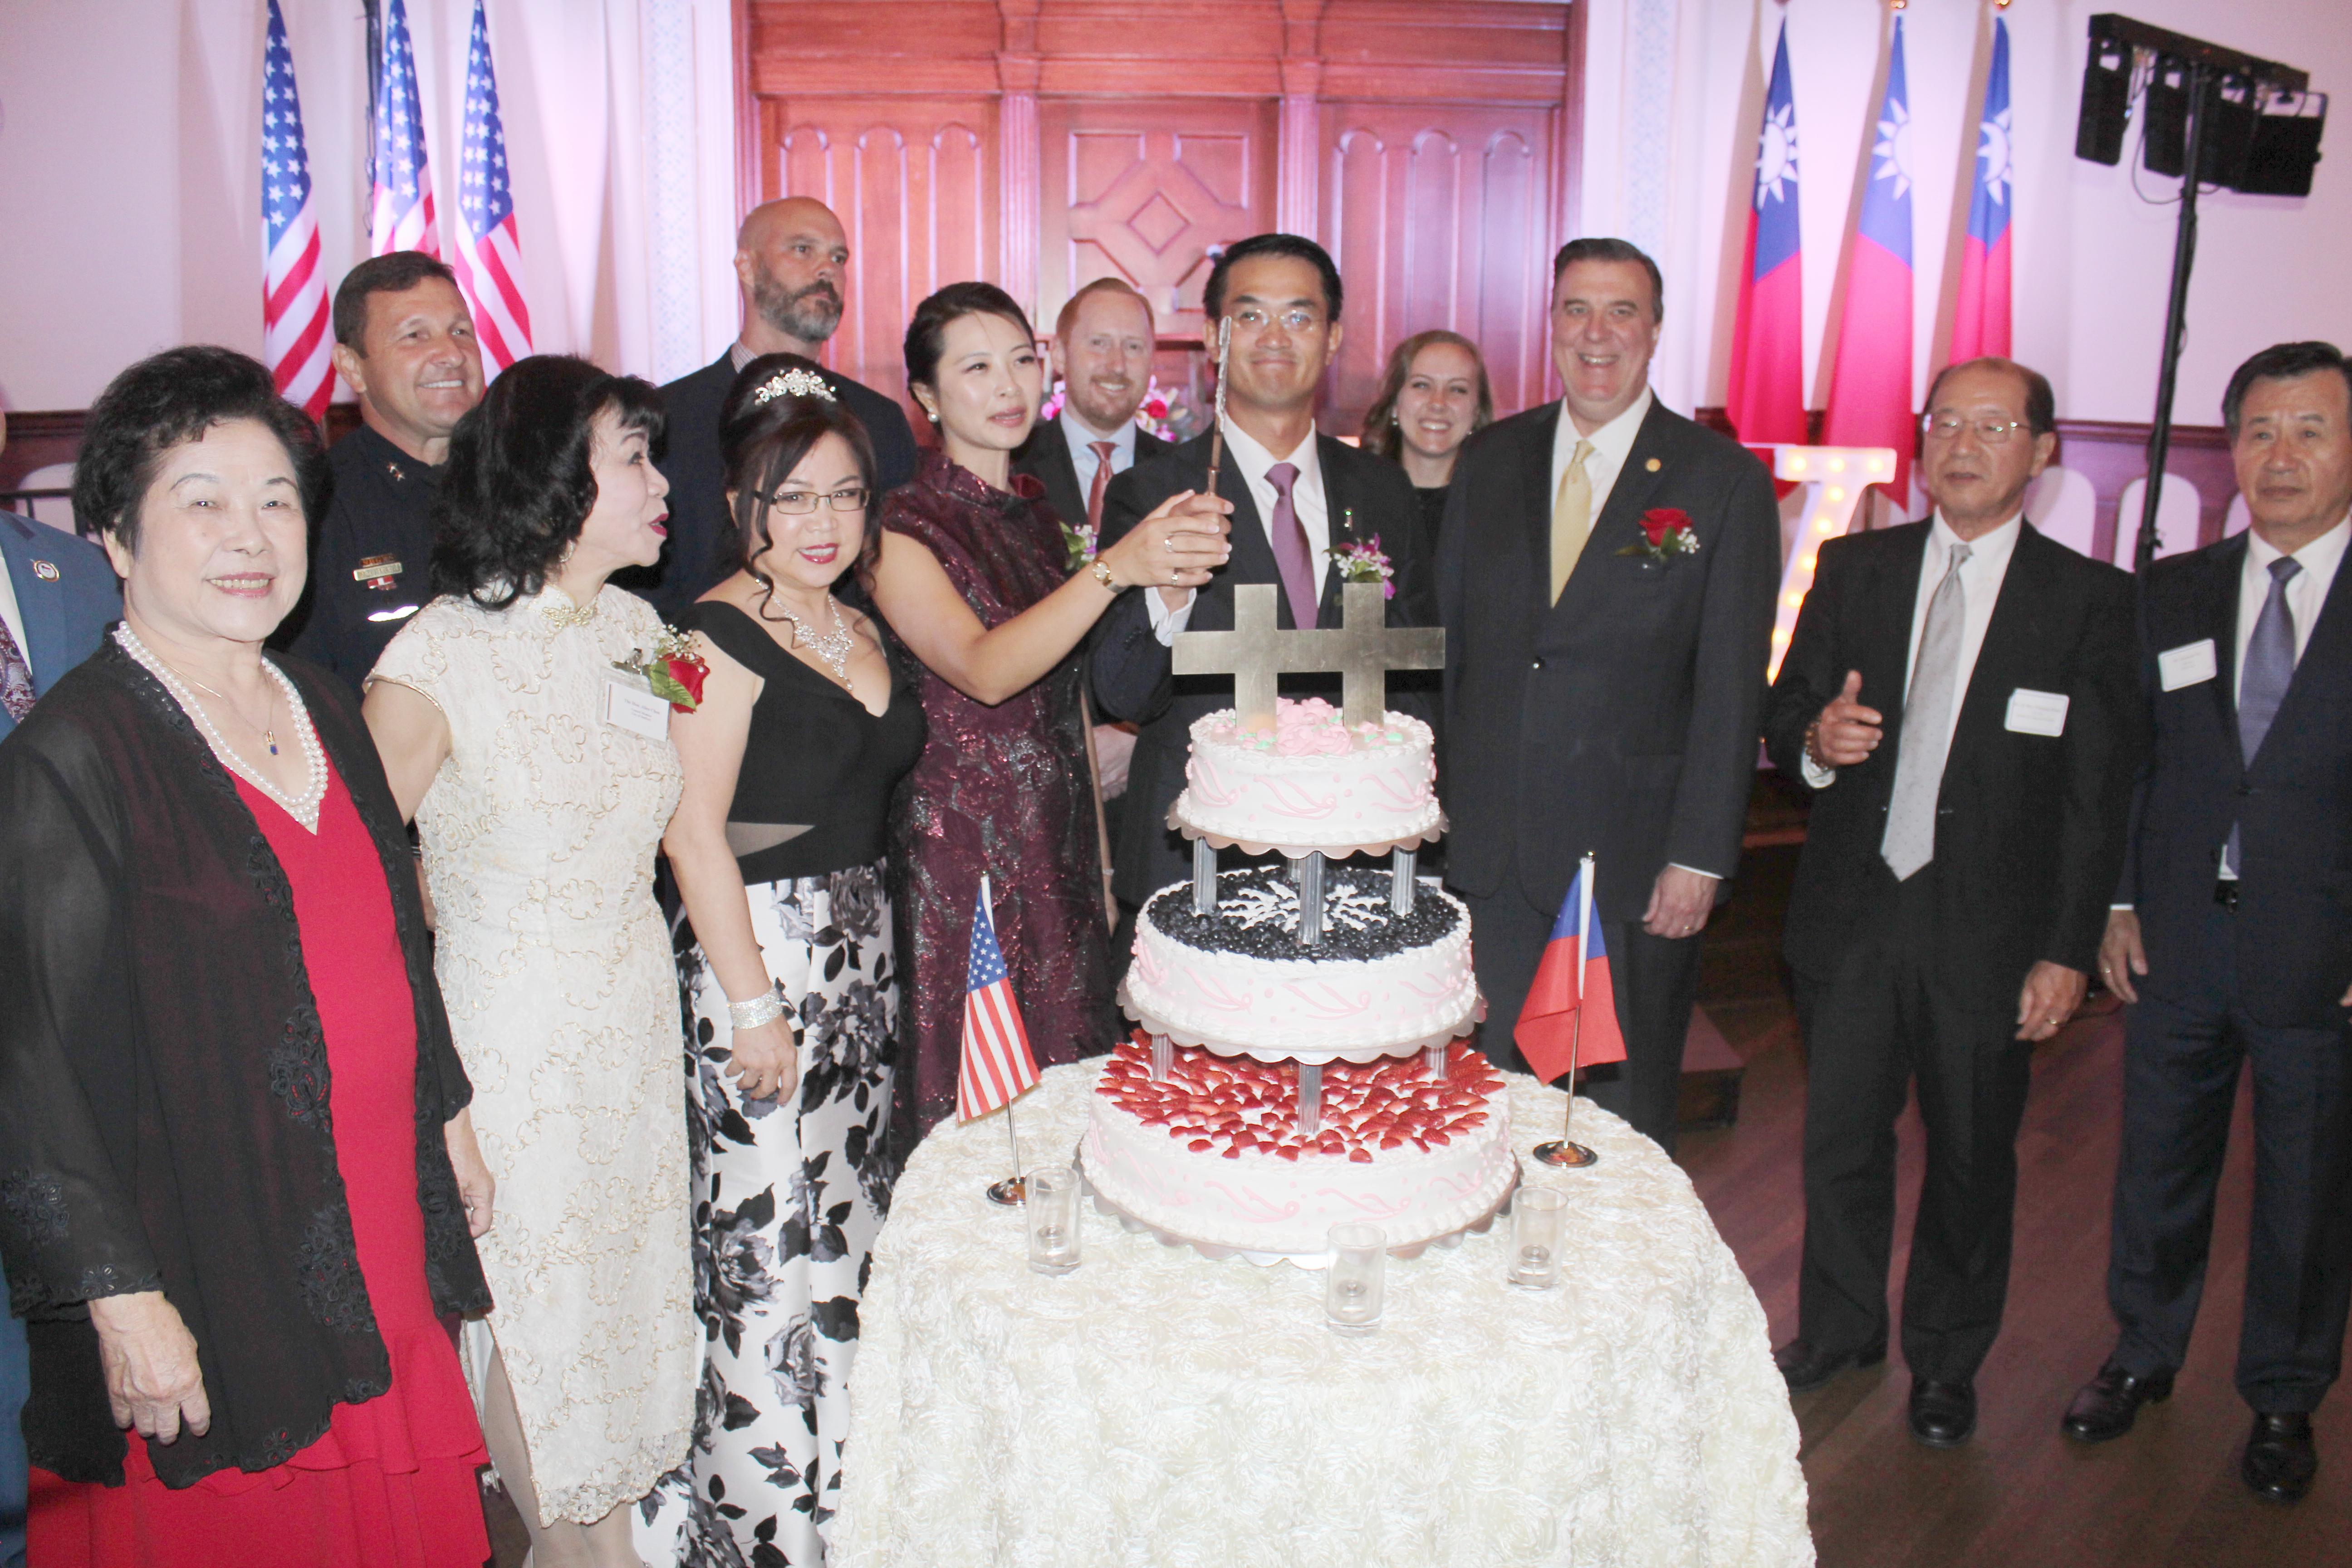 陳家彥(前排右四)與出席嘉賓們一同切蛋糕祝賀。